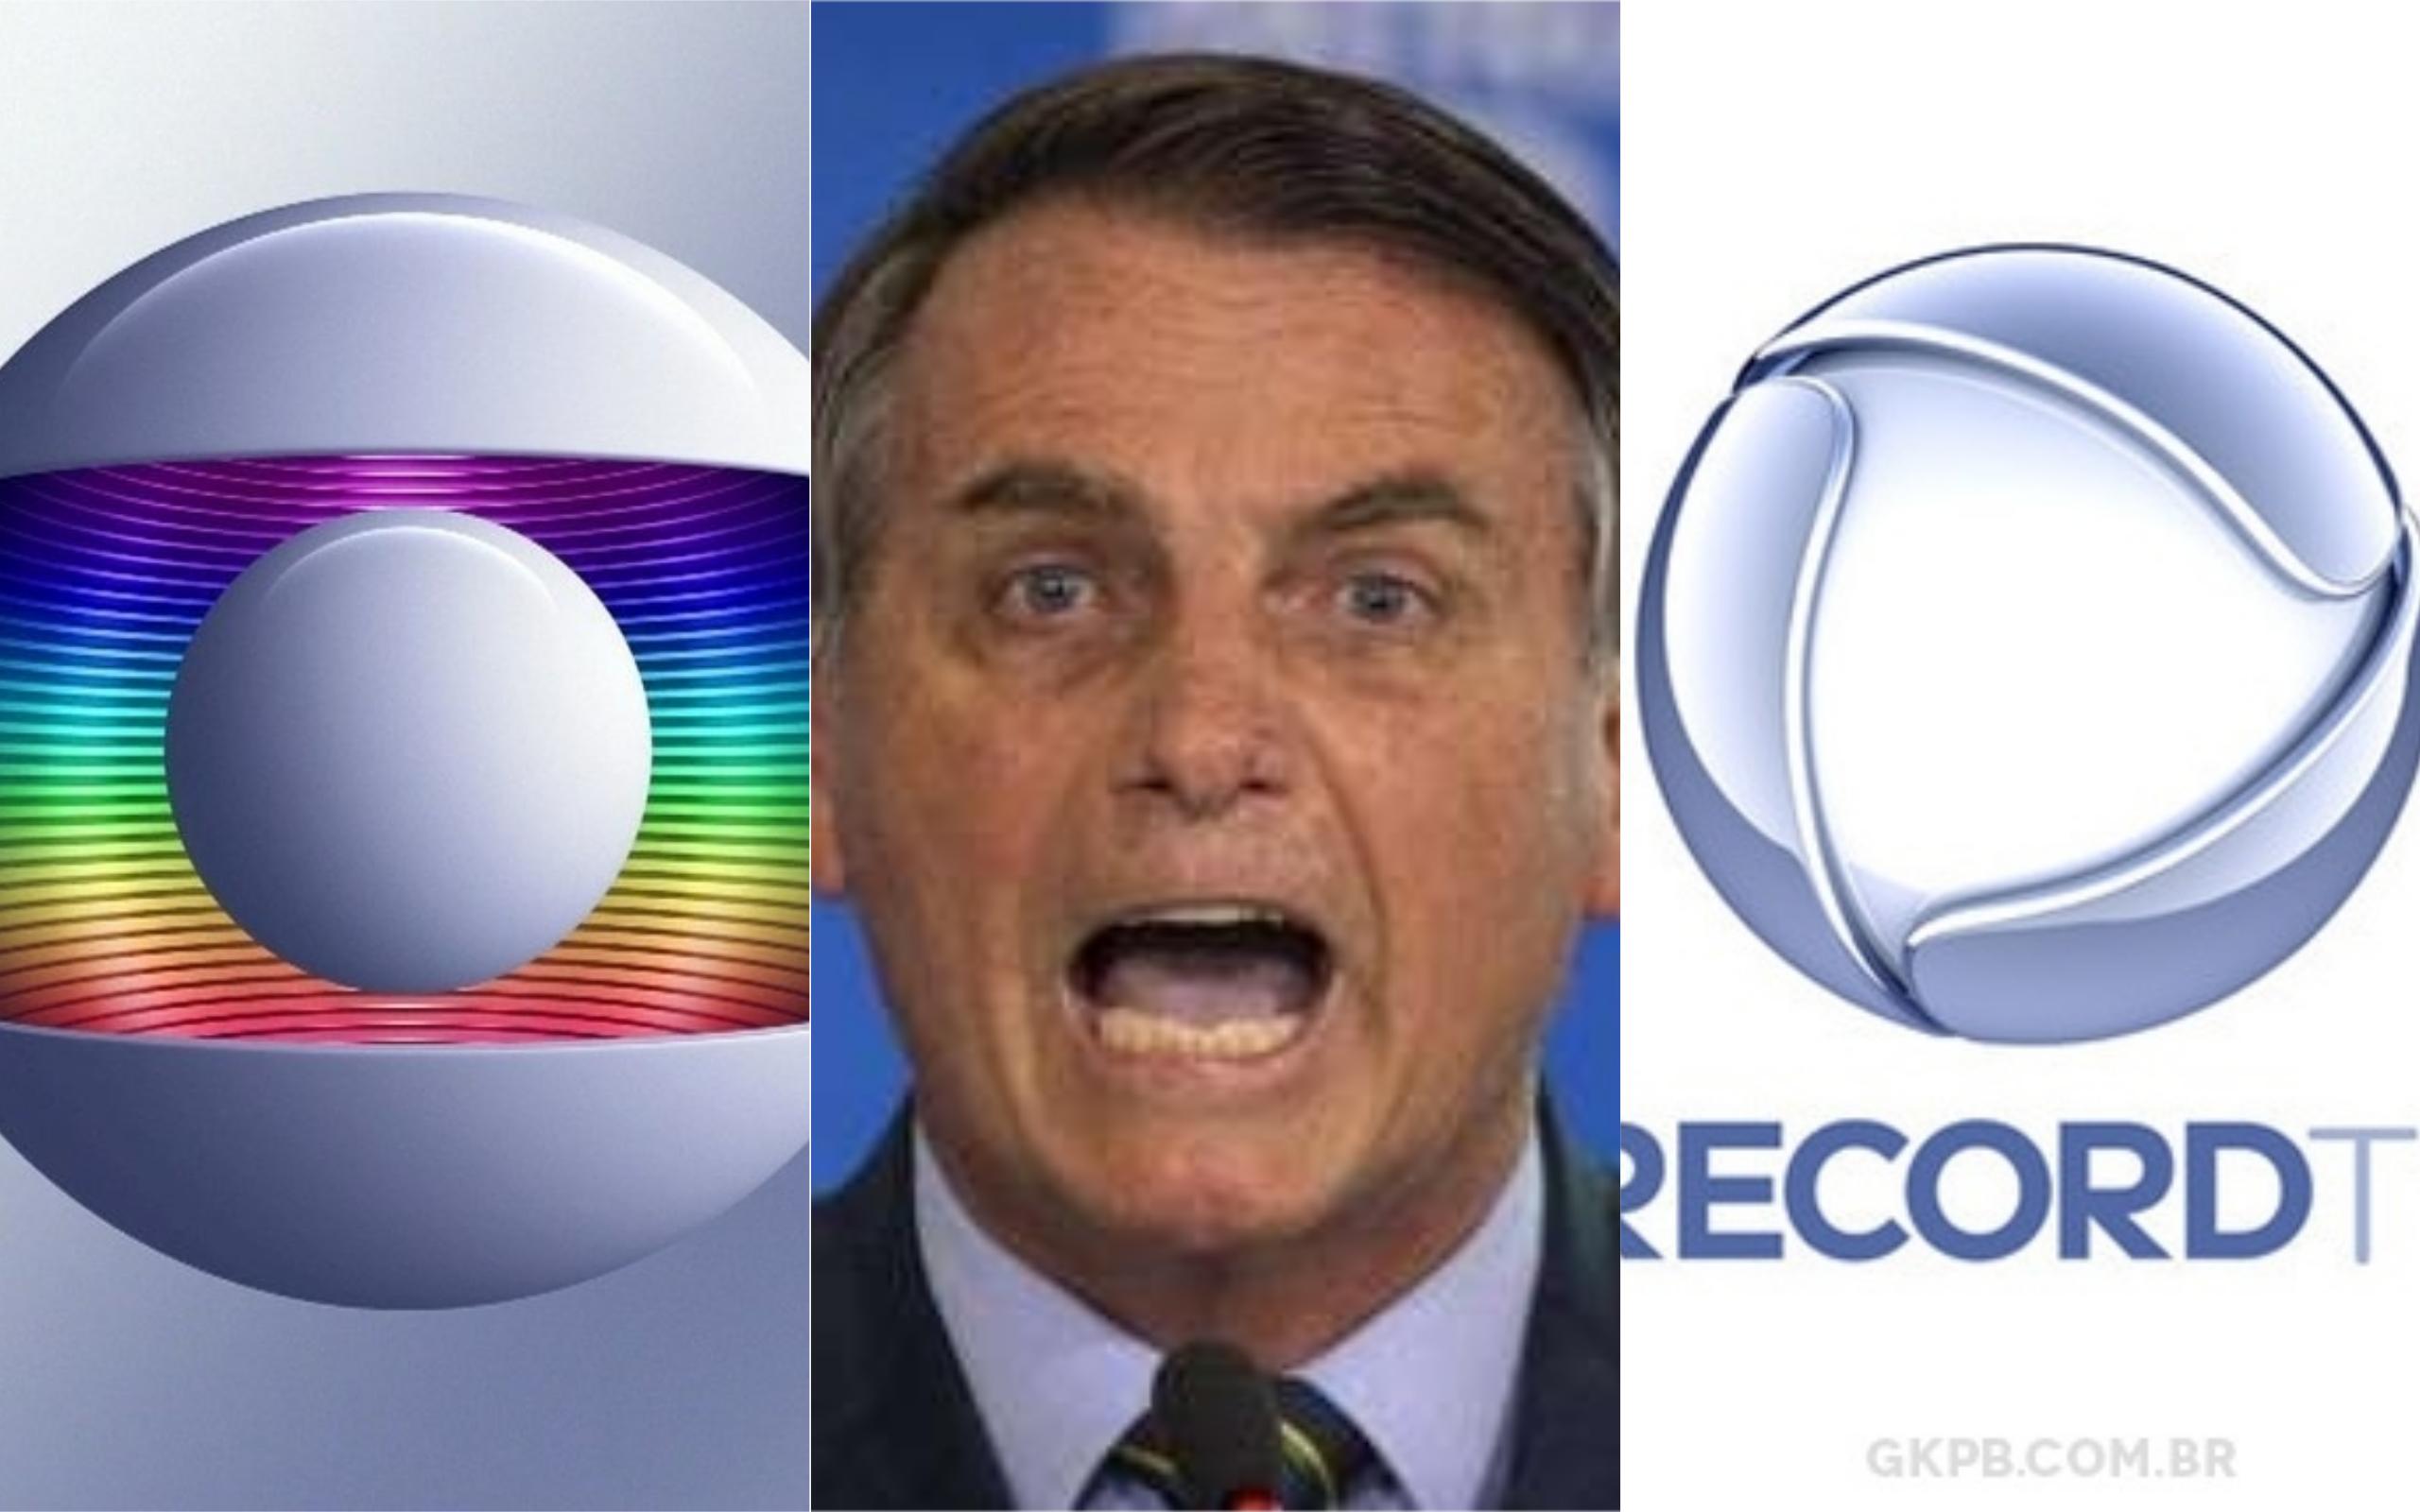 Bolsonaro e Record se unem contra a Globo (Foto: Divulgação)